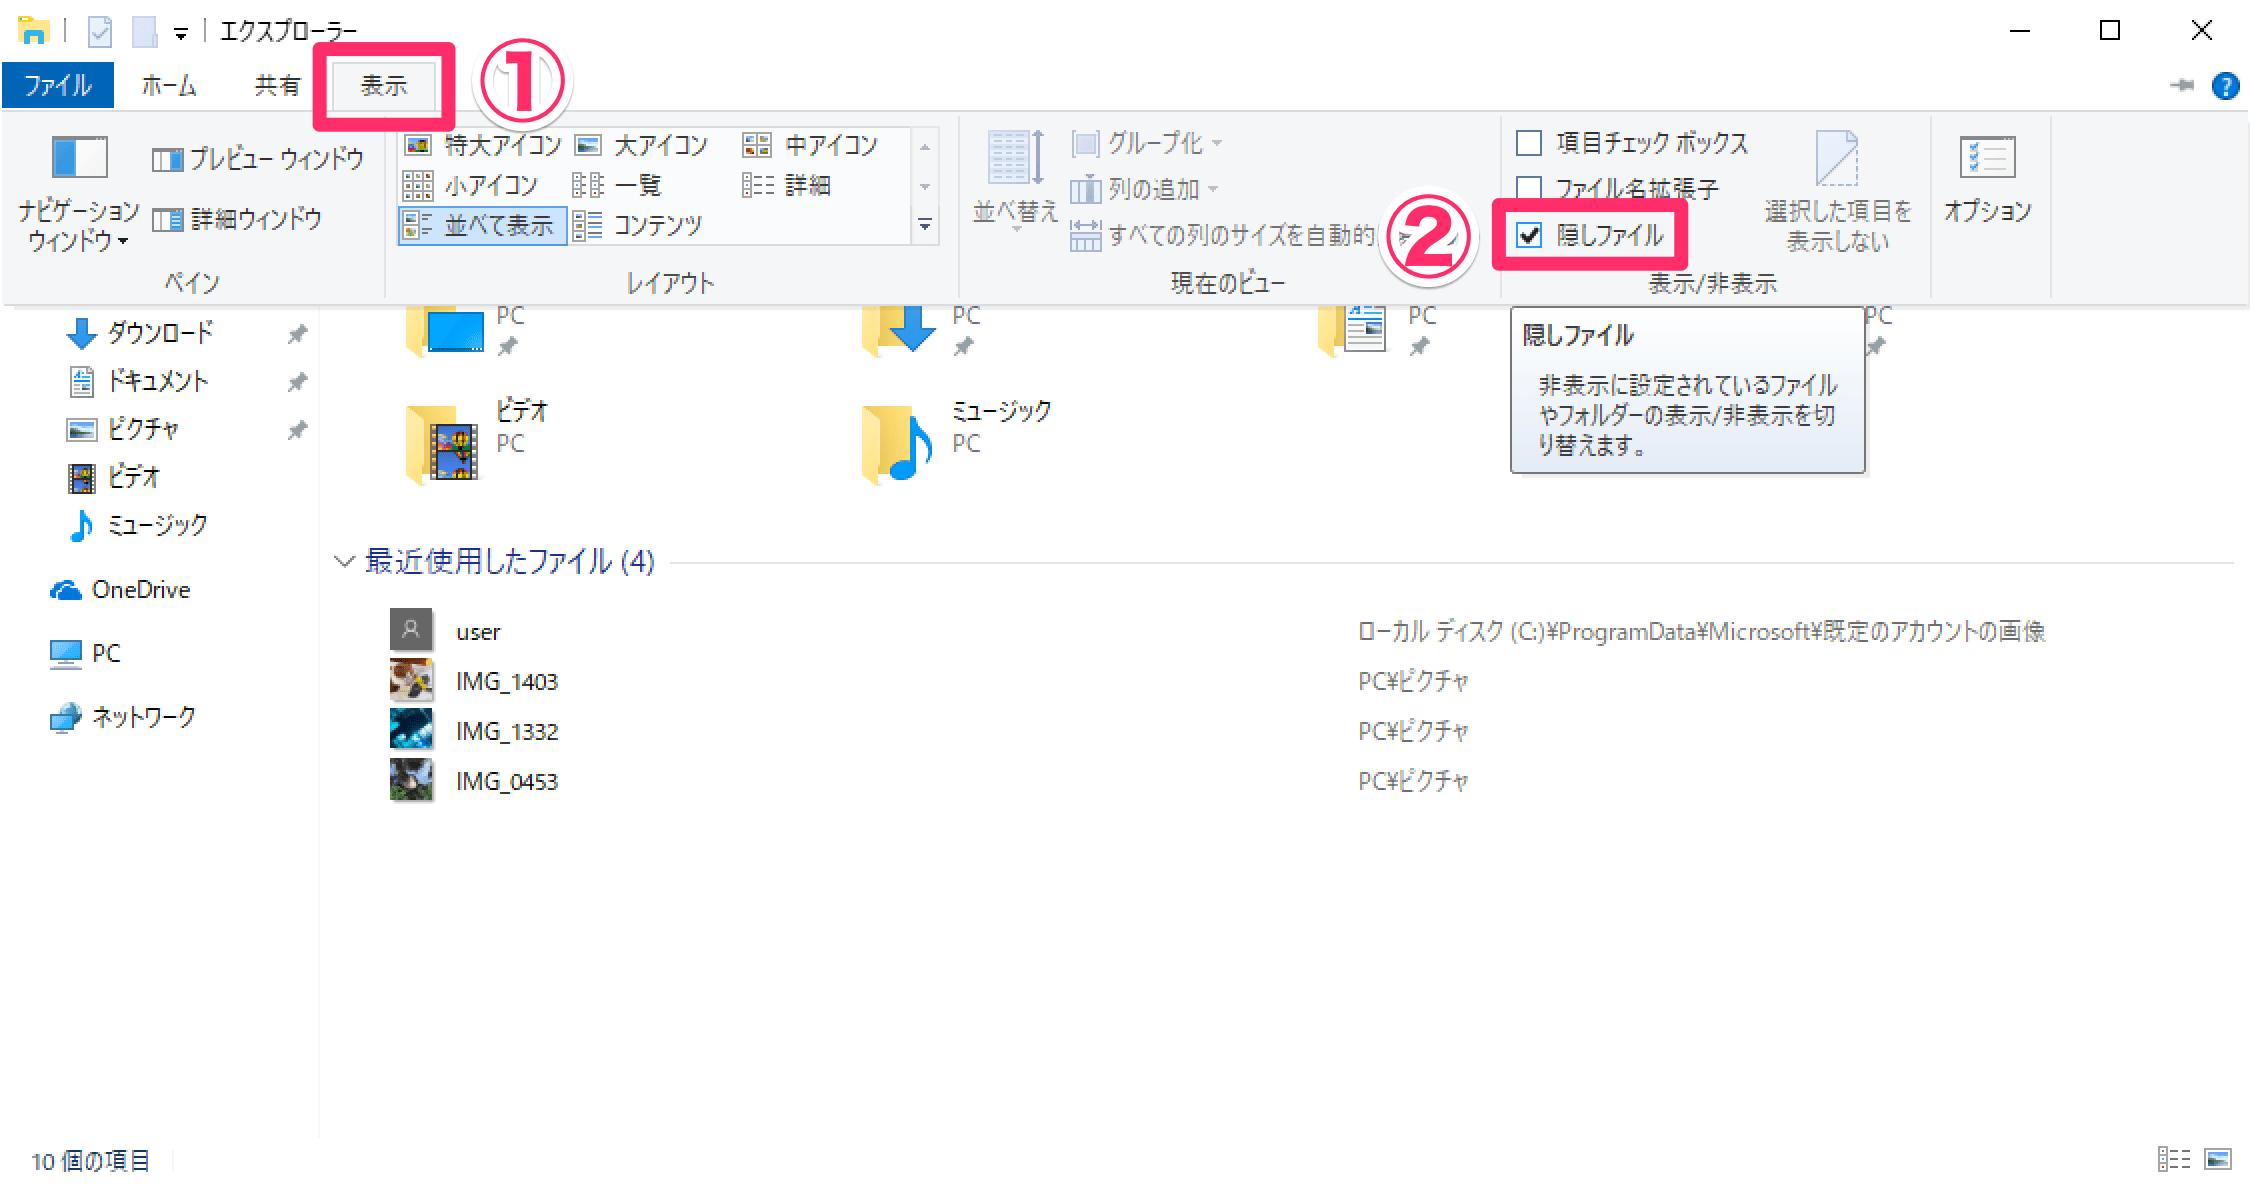 Windows 10のユーザーアカウント画像の履歴を削除する方法。古い写真を非表示に!